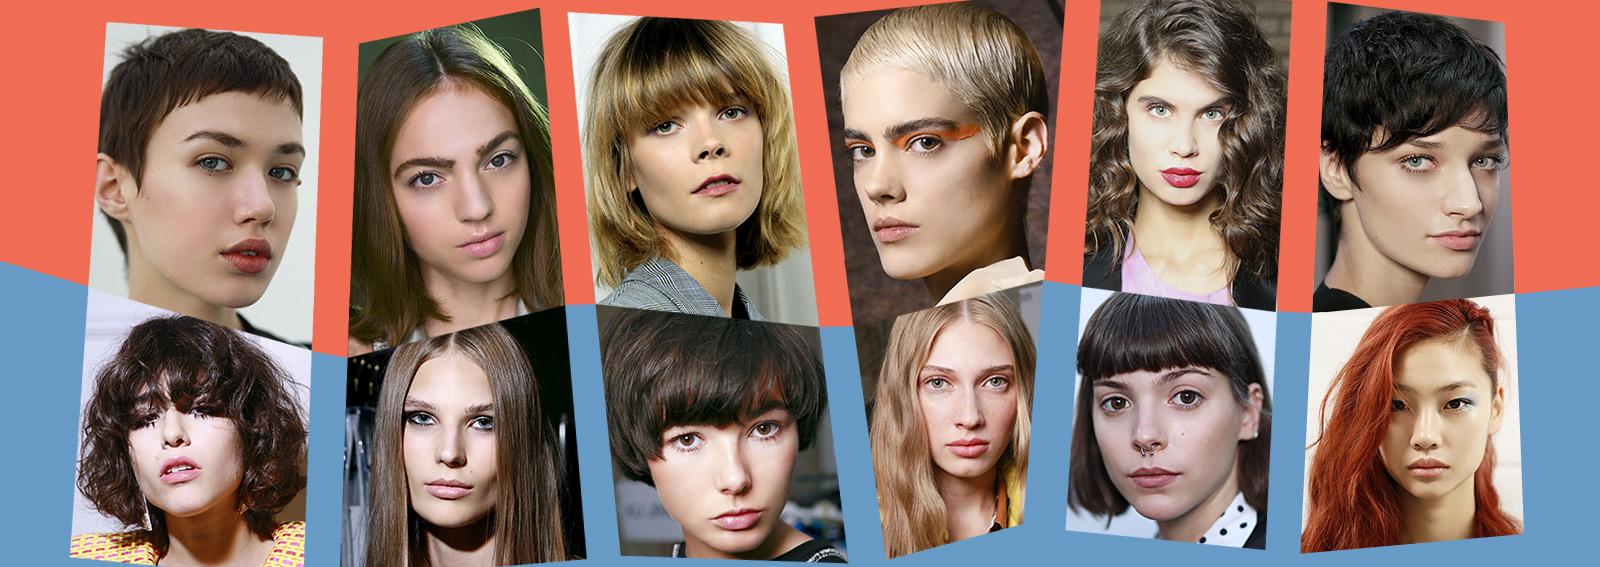 Moda: taglio capelli primavera-estate 2018